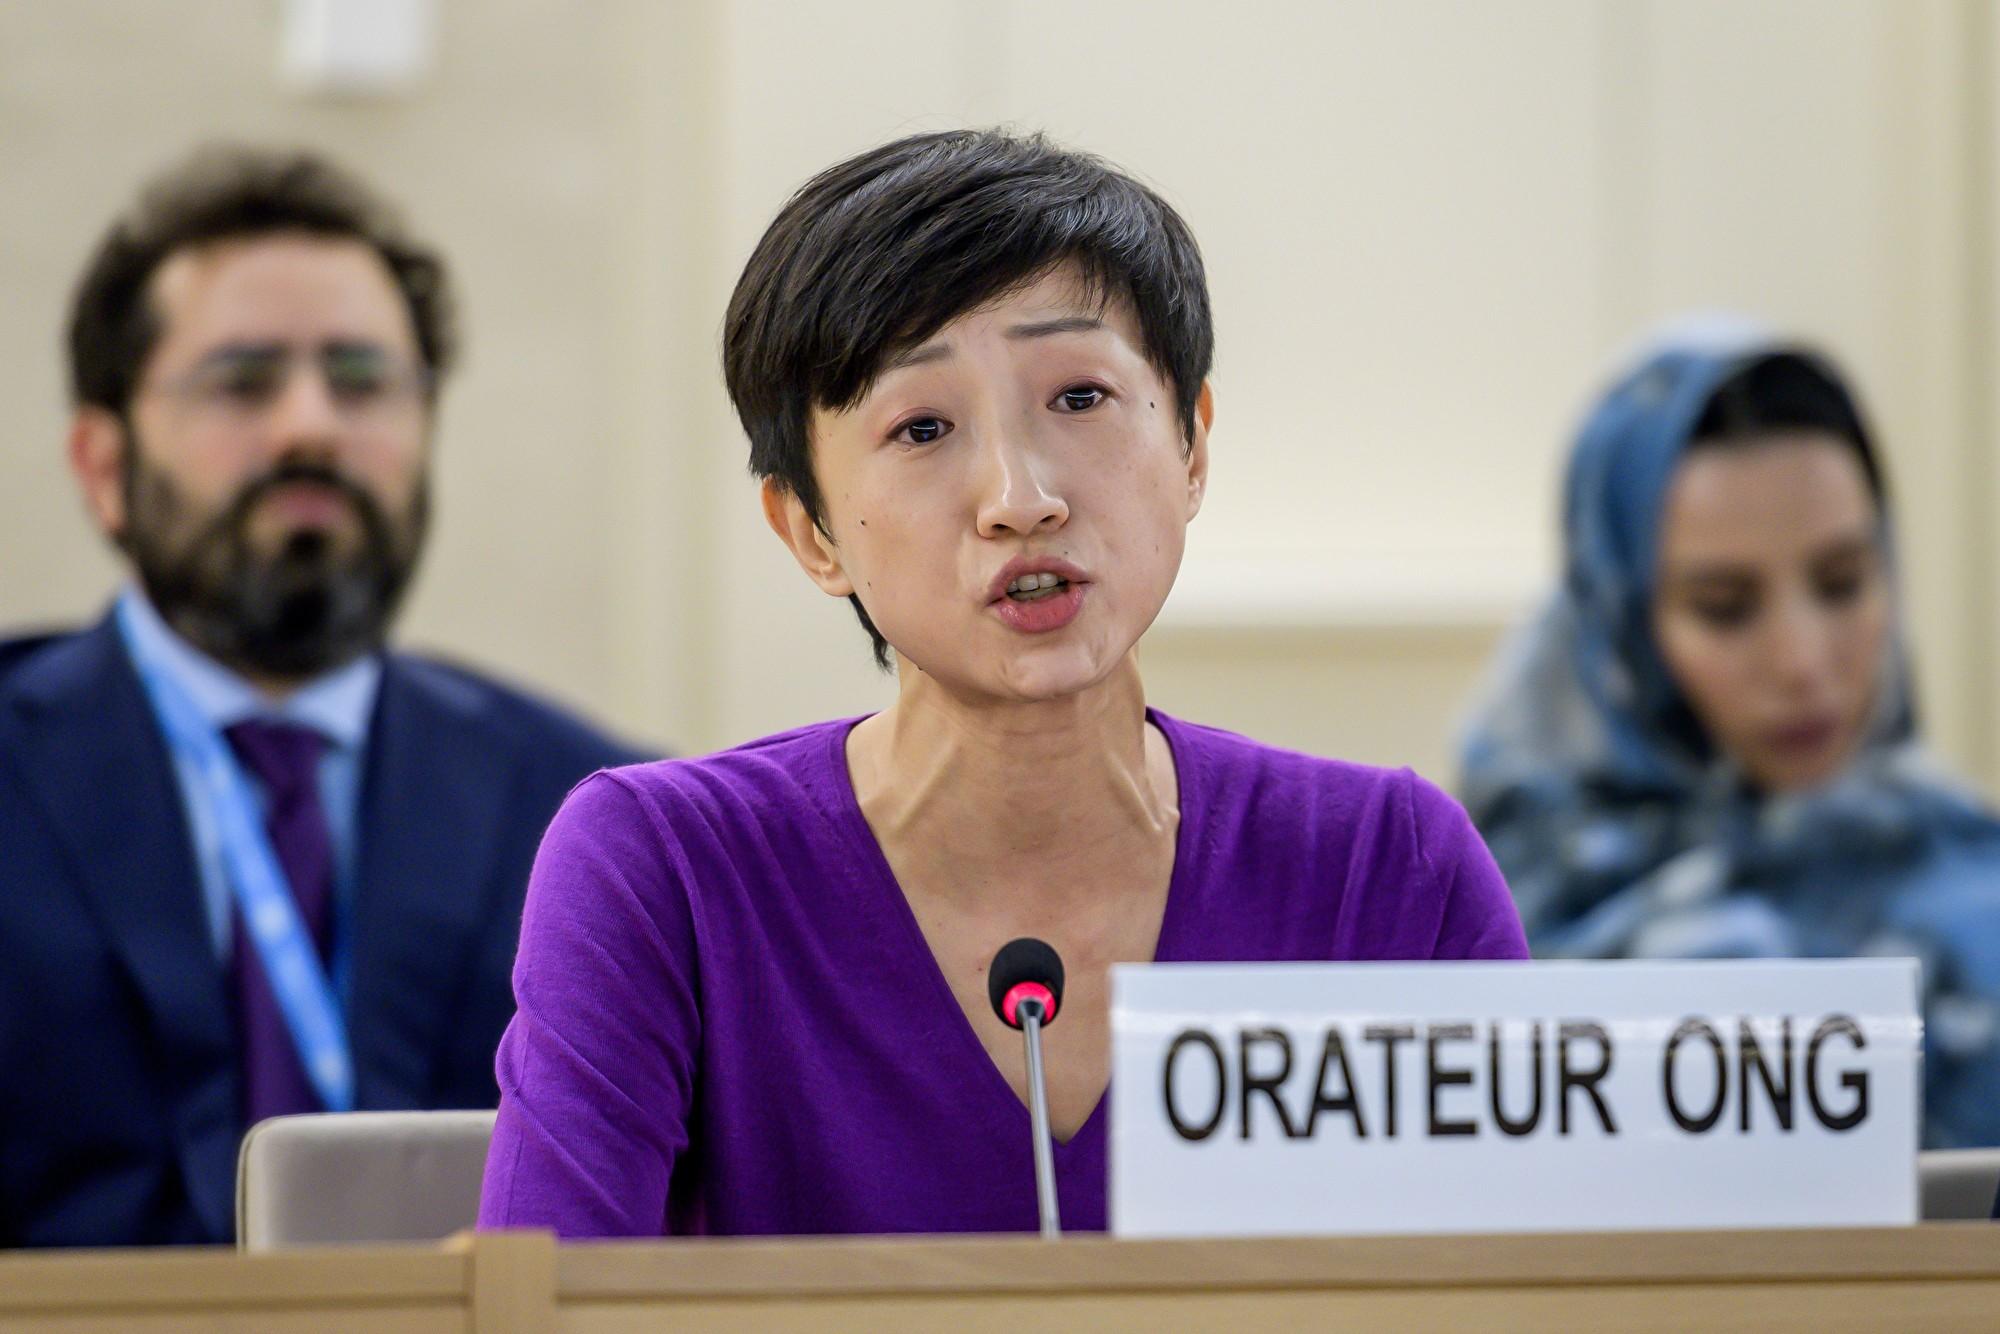 港公民黨立法會議員聯合國發言 指港警濫暴